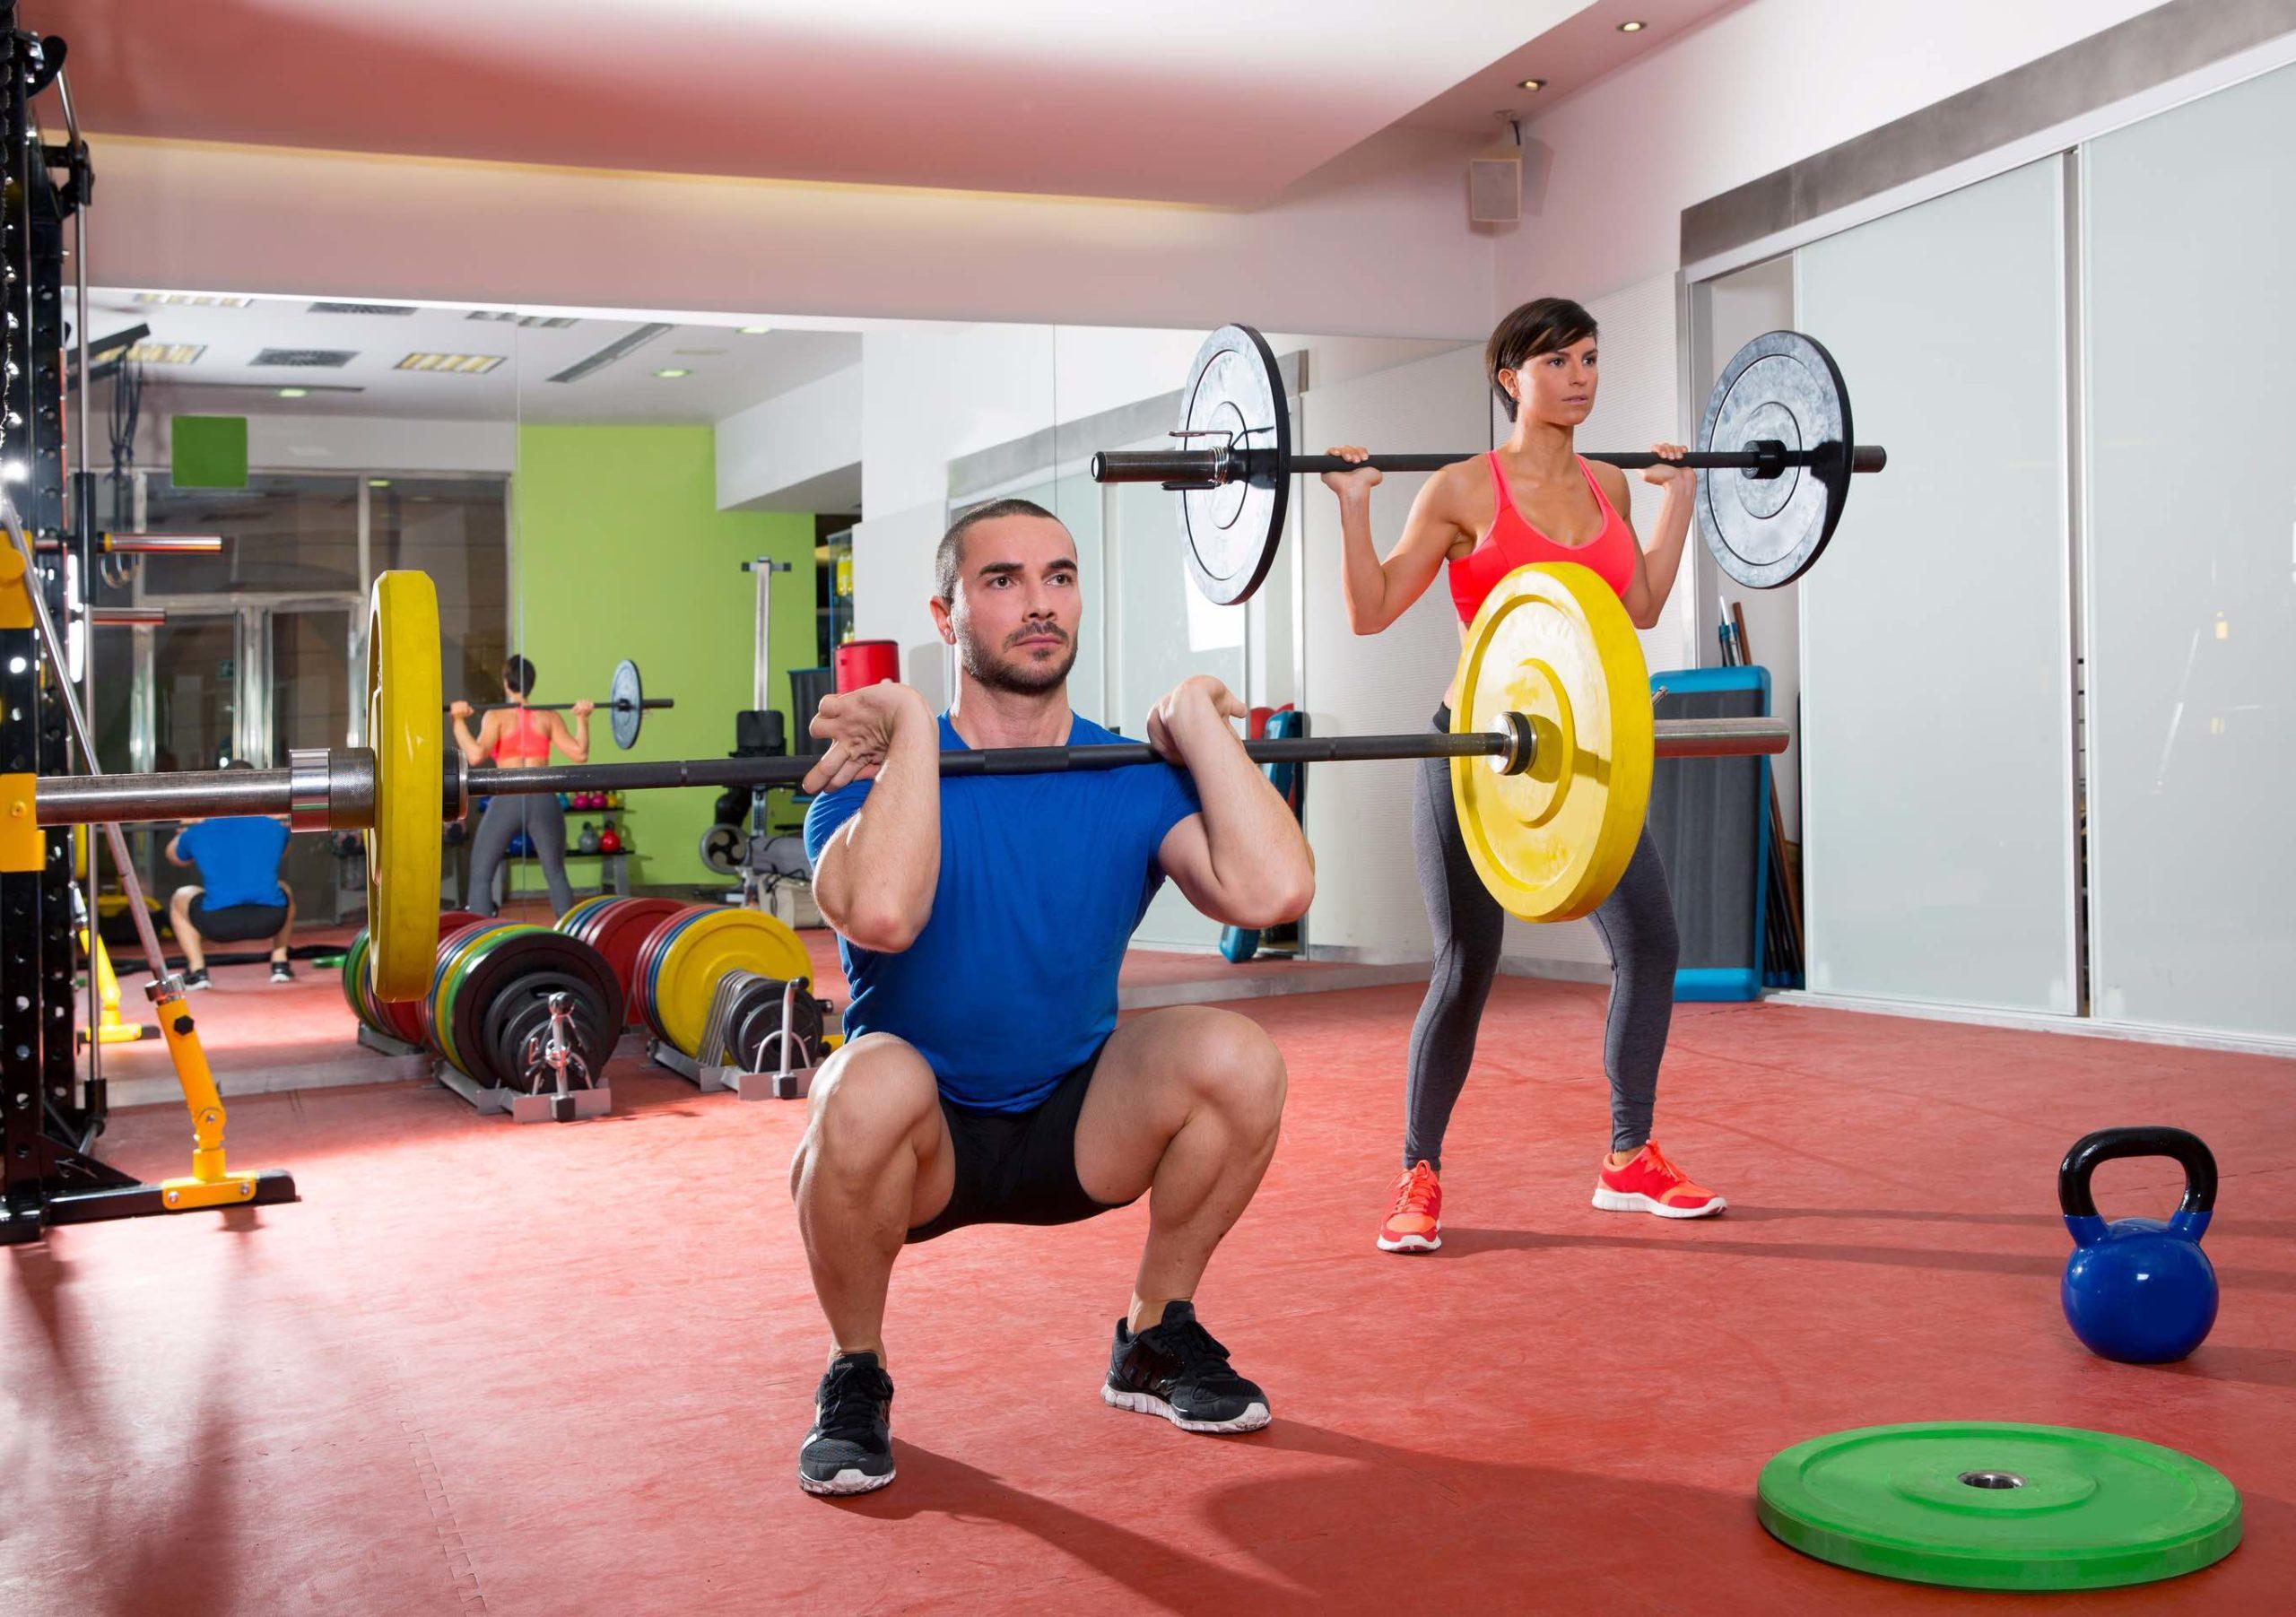 Deine wichtigsten Muskeln im Überblick